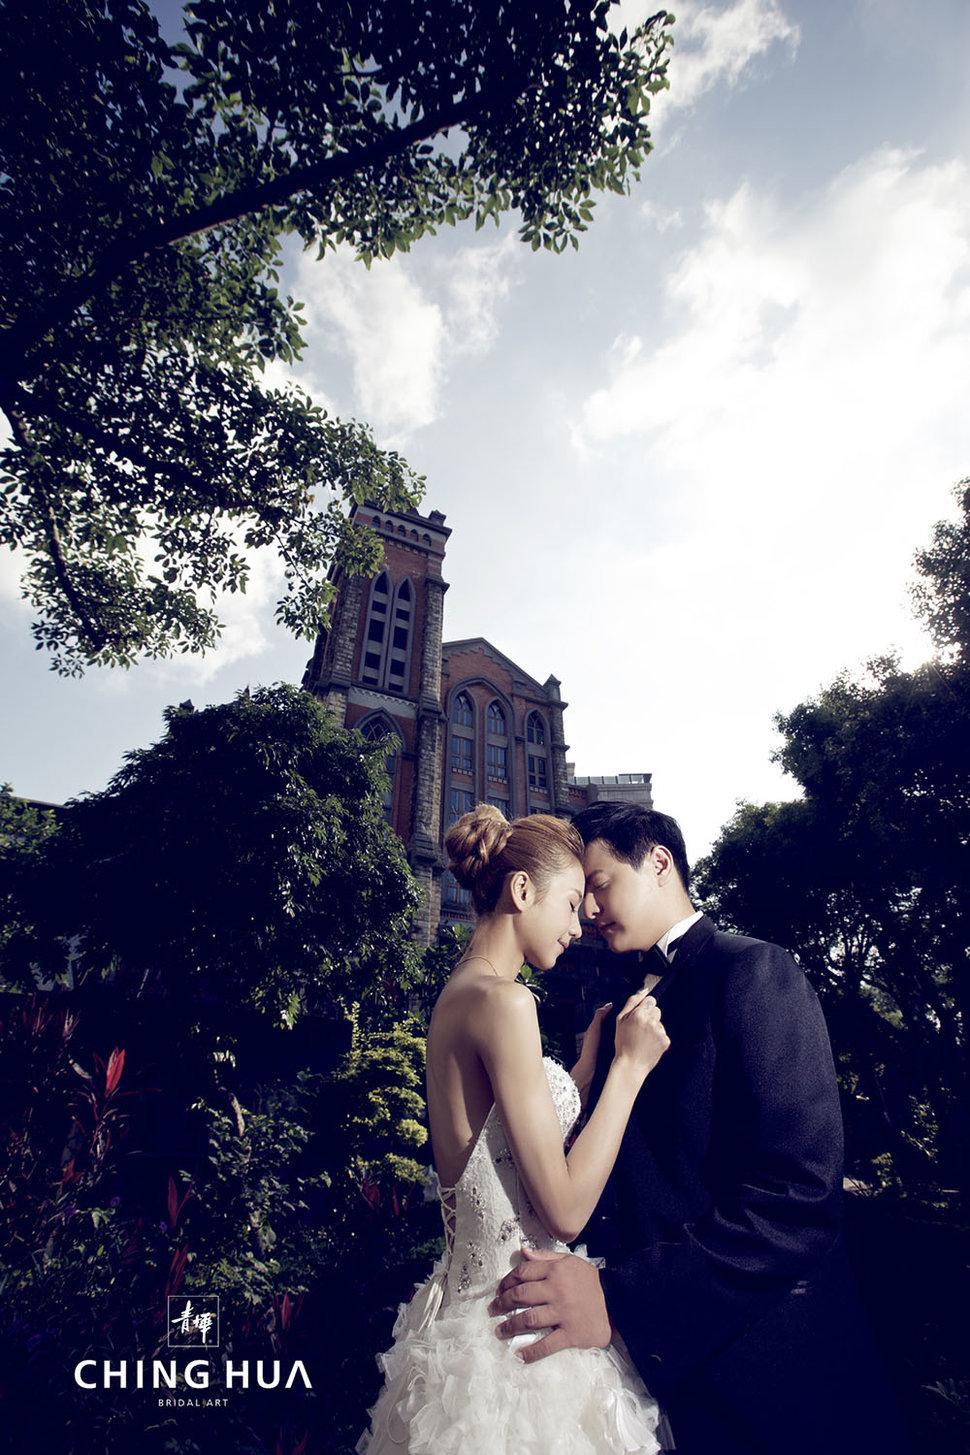 <青樺婚紗>特色婚紗-滿滿少女心(編號:426390) - 青樺婚紗CHINGHUA - 結婚吧一站式婚禮服務平台